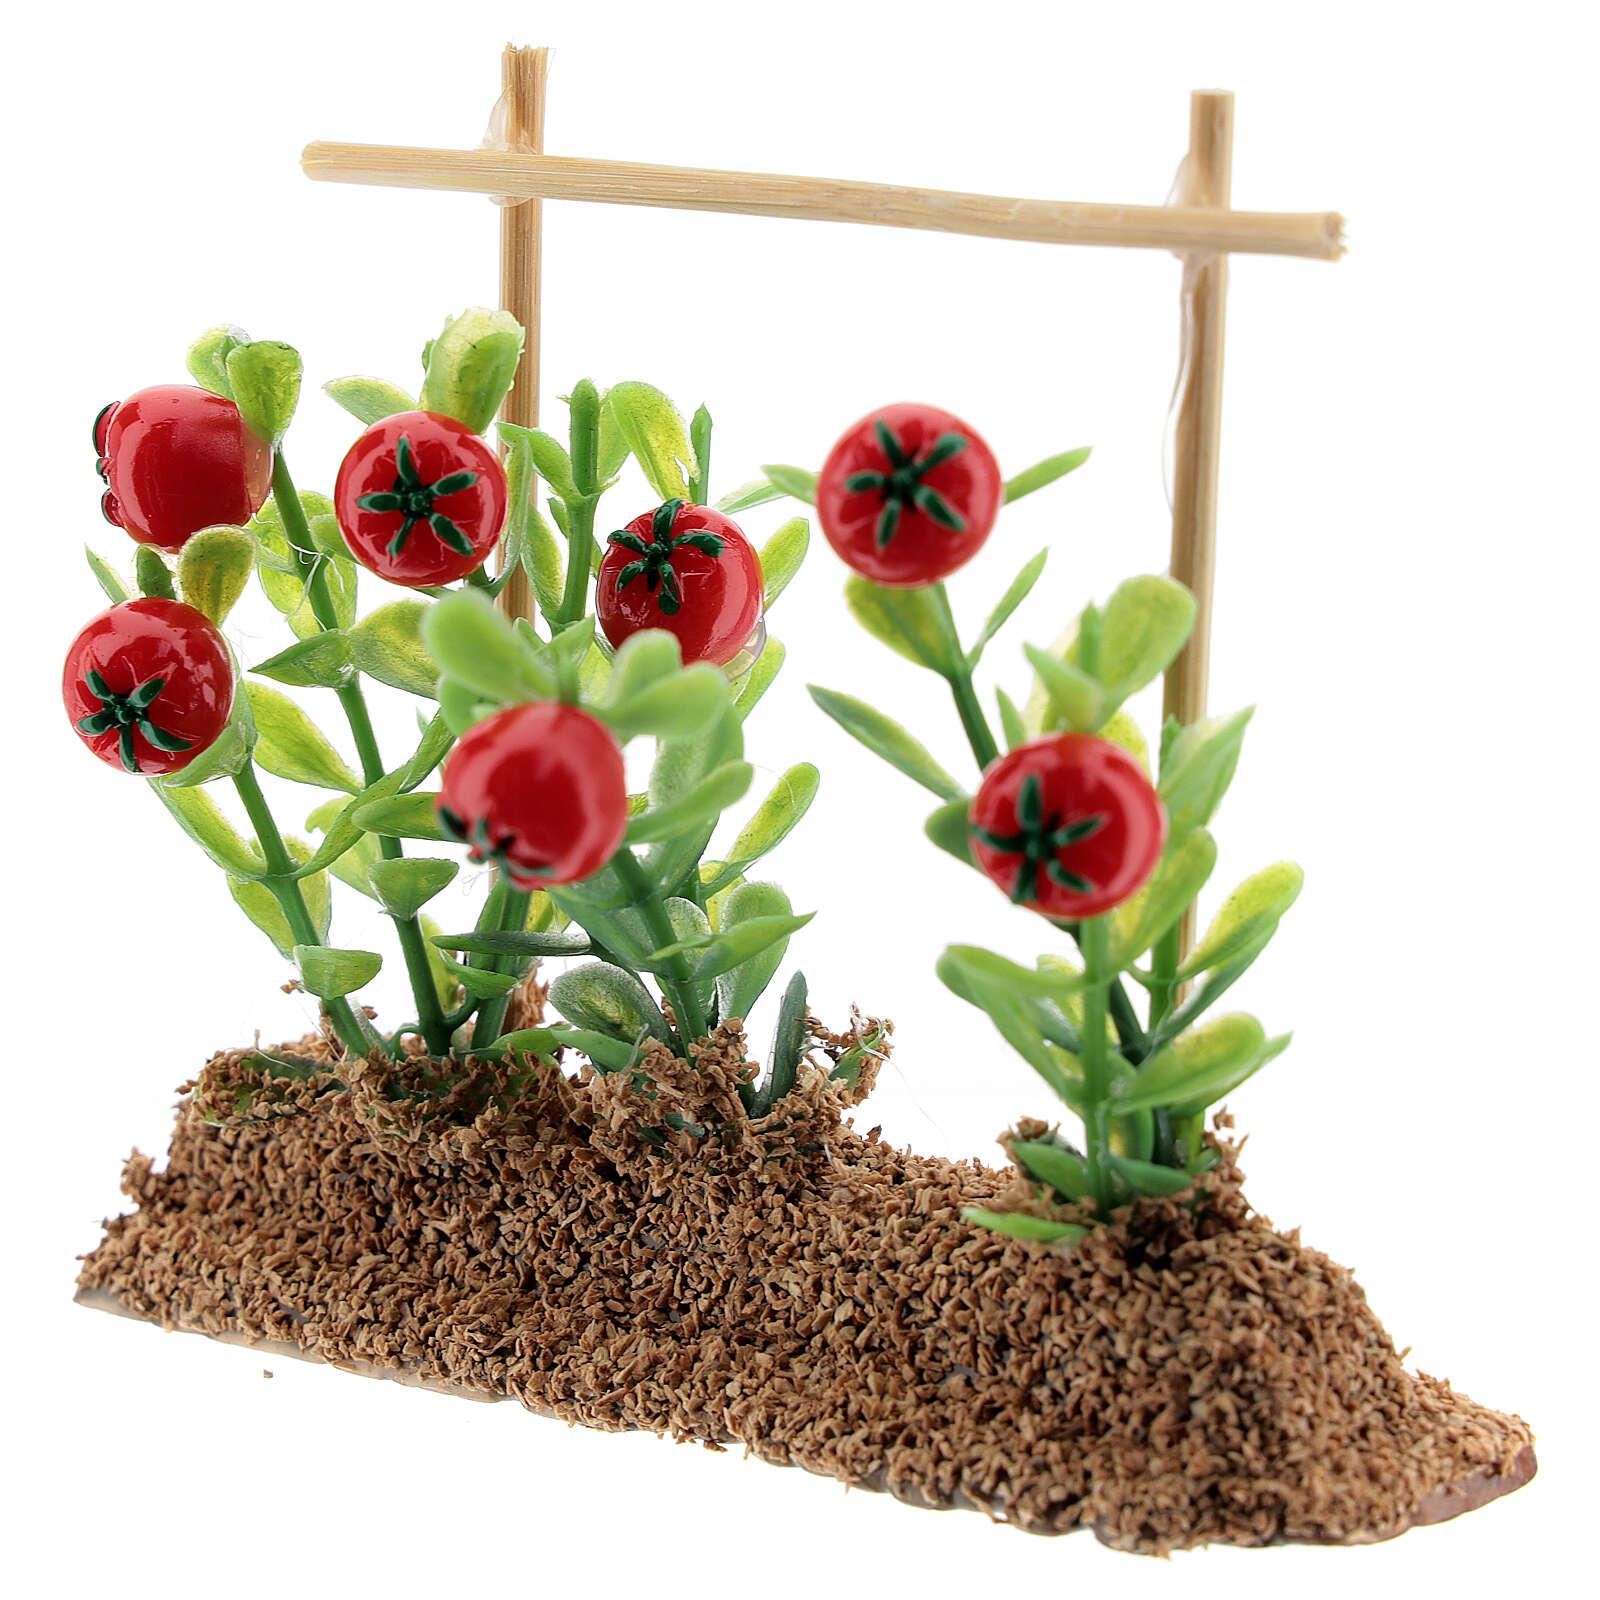 Horta com tomates miniatura resina 7x10x2 cm para presépio com figuras altura média 12-14 cm 4